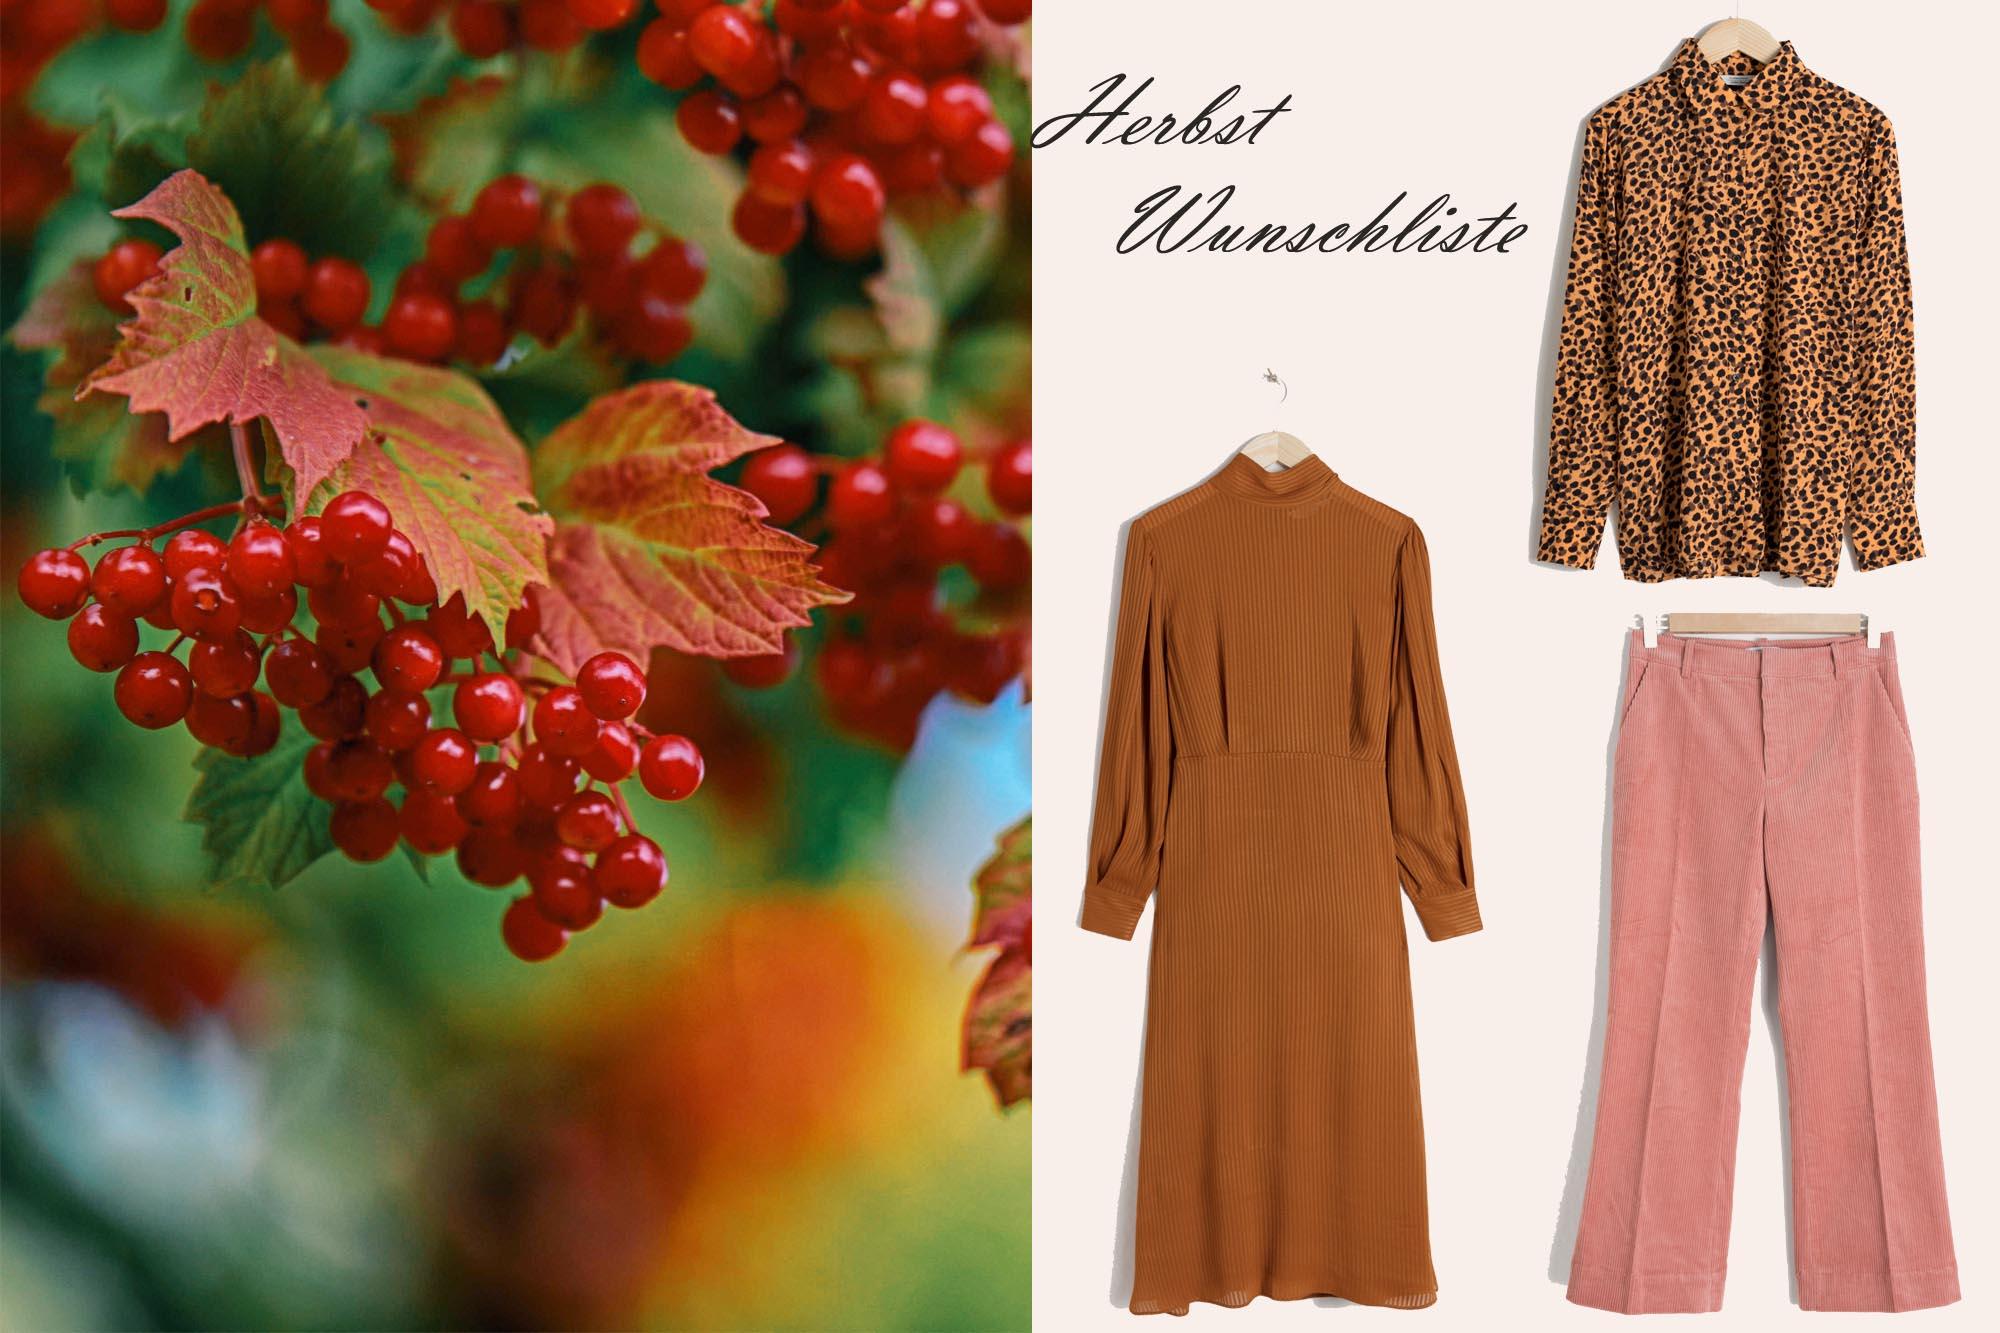 Modeblog-Deutschland-Herbst-Wuschliste